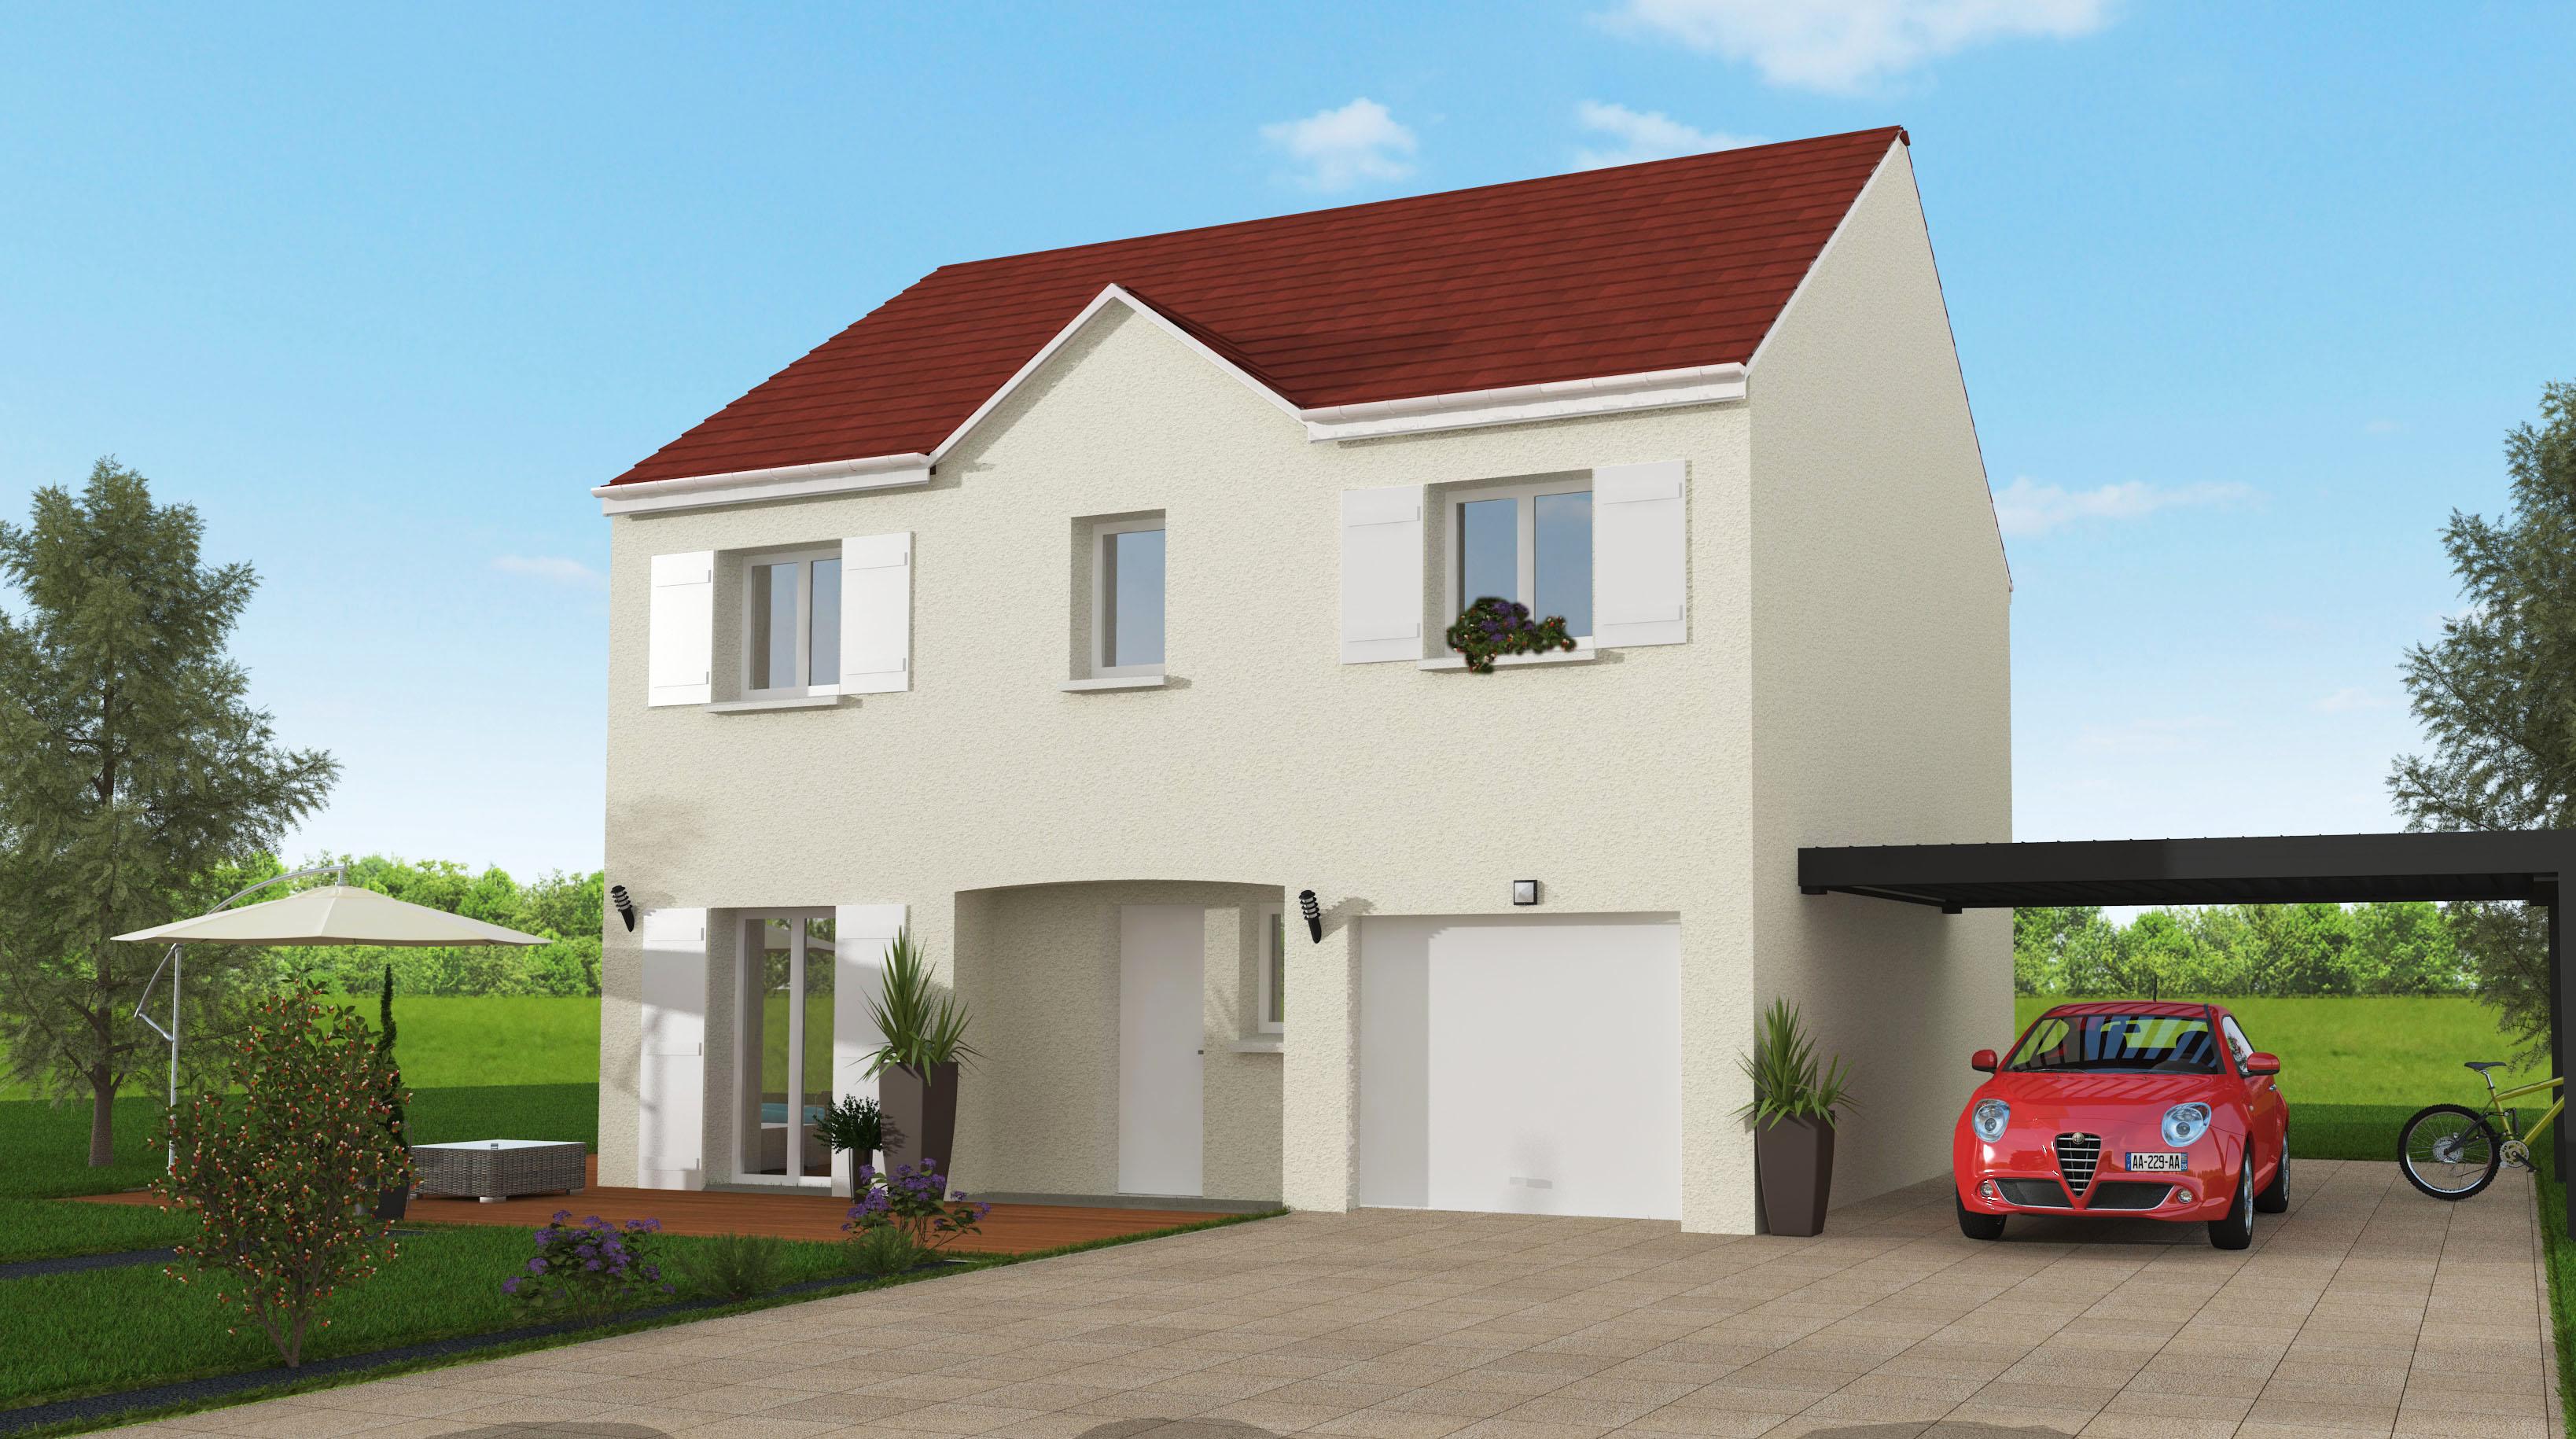 Maisons + Terrains du constructeur MAISON 7 SENS • 114 m² • CHAILLY EN BIERE